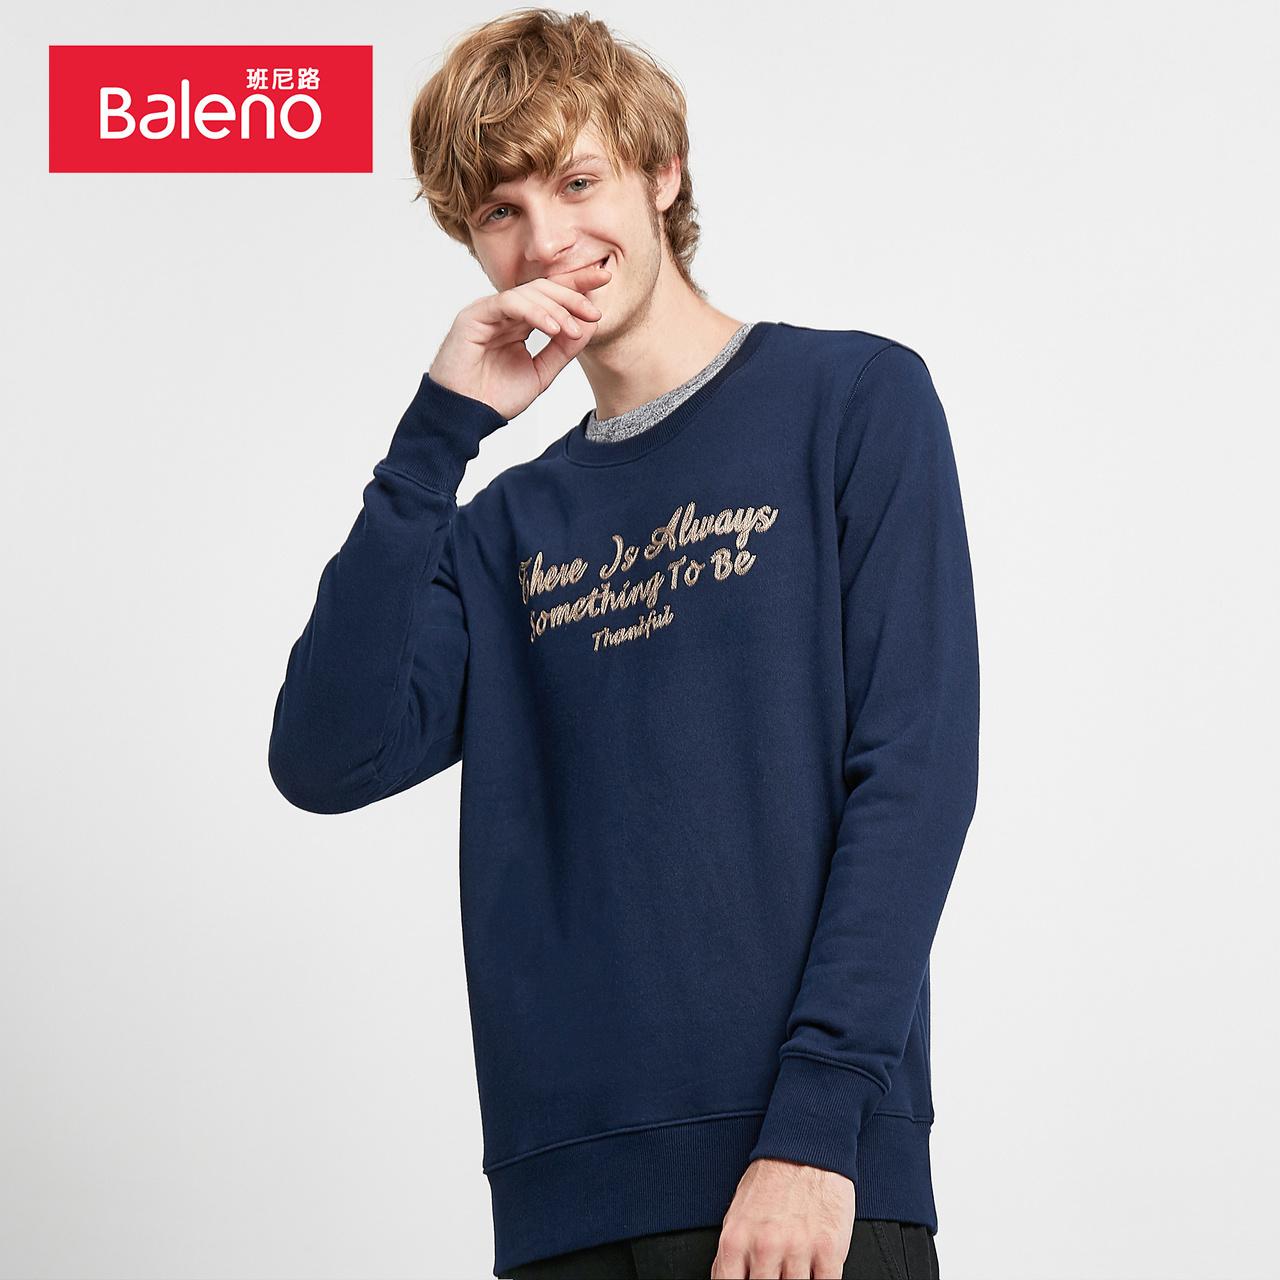 baleno班尼路 卫衣男士长袖t恤潮流秋季套头宽松字母印花外套